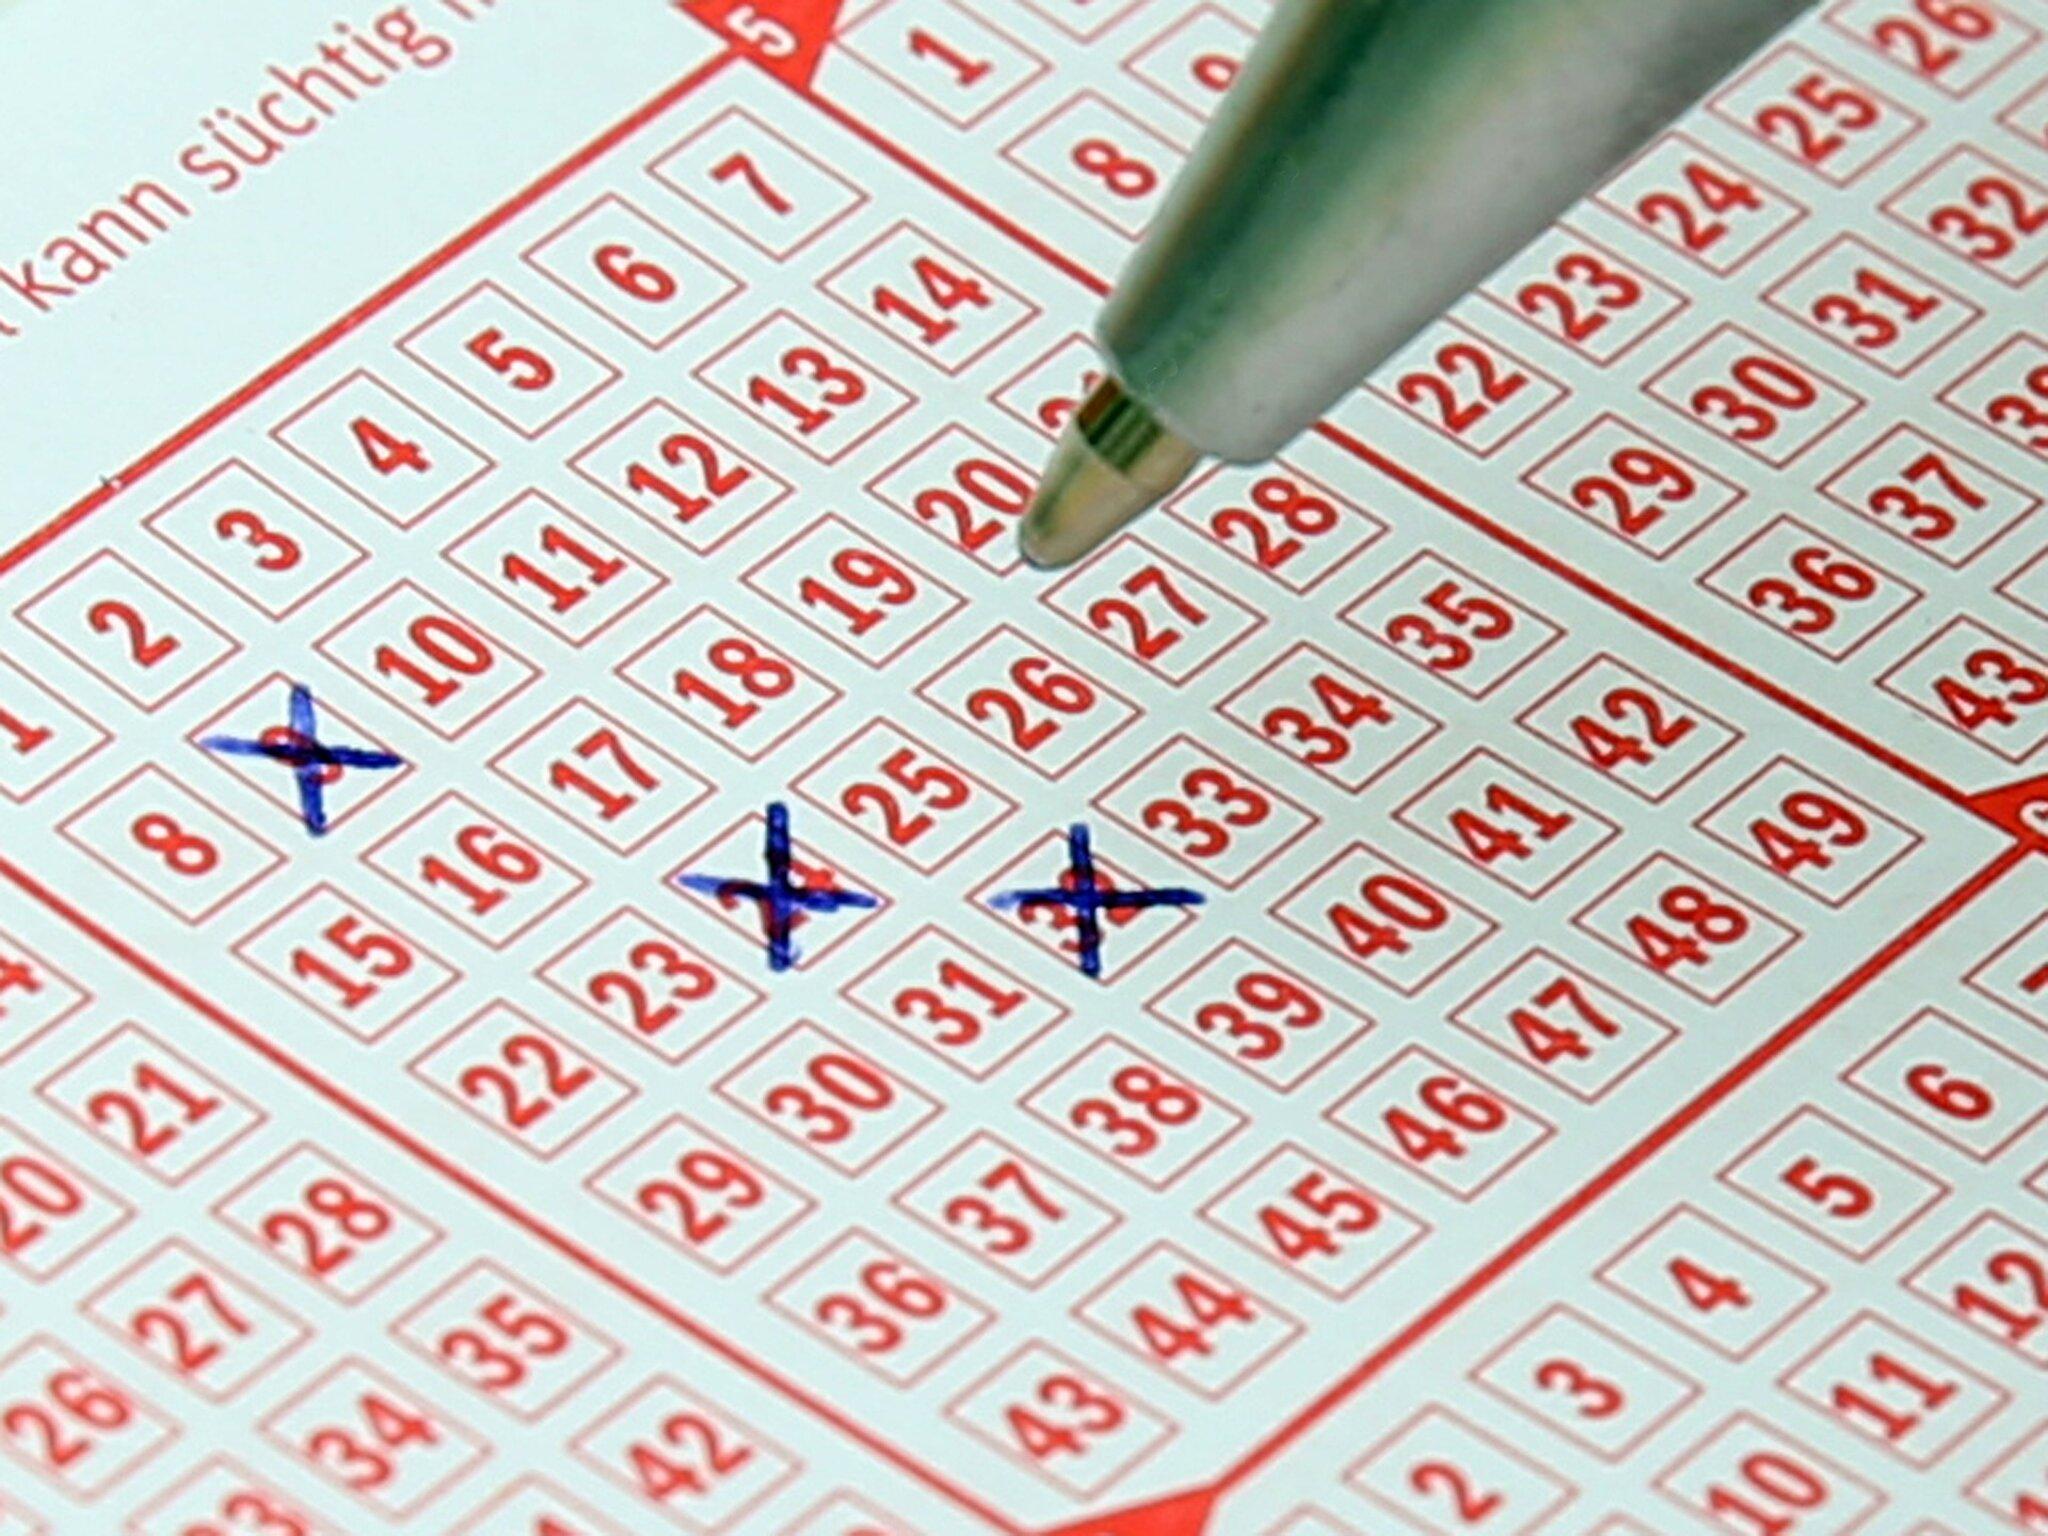 lotto in österreich spielen